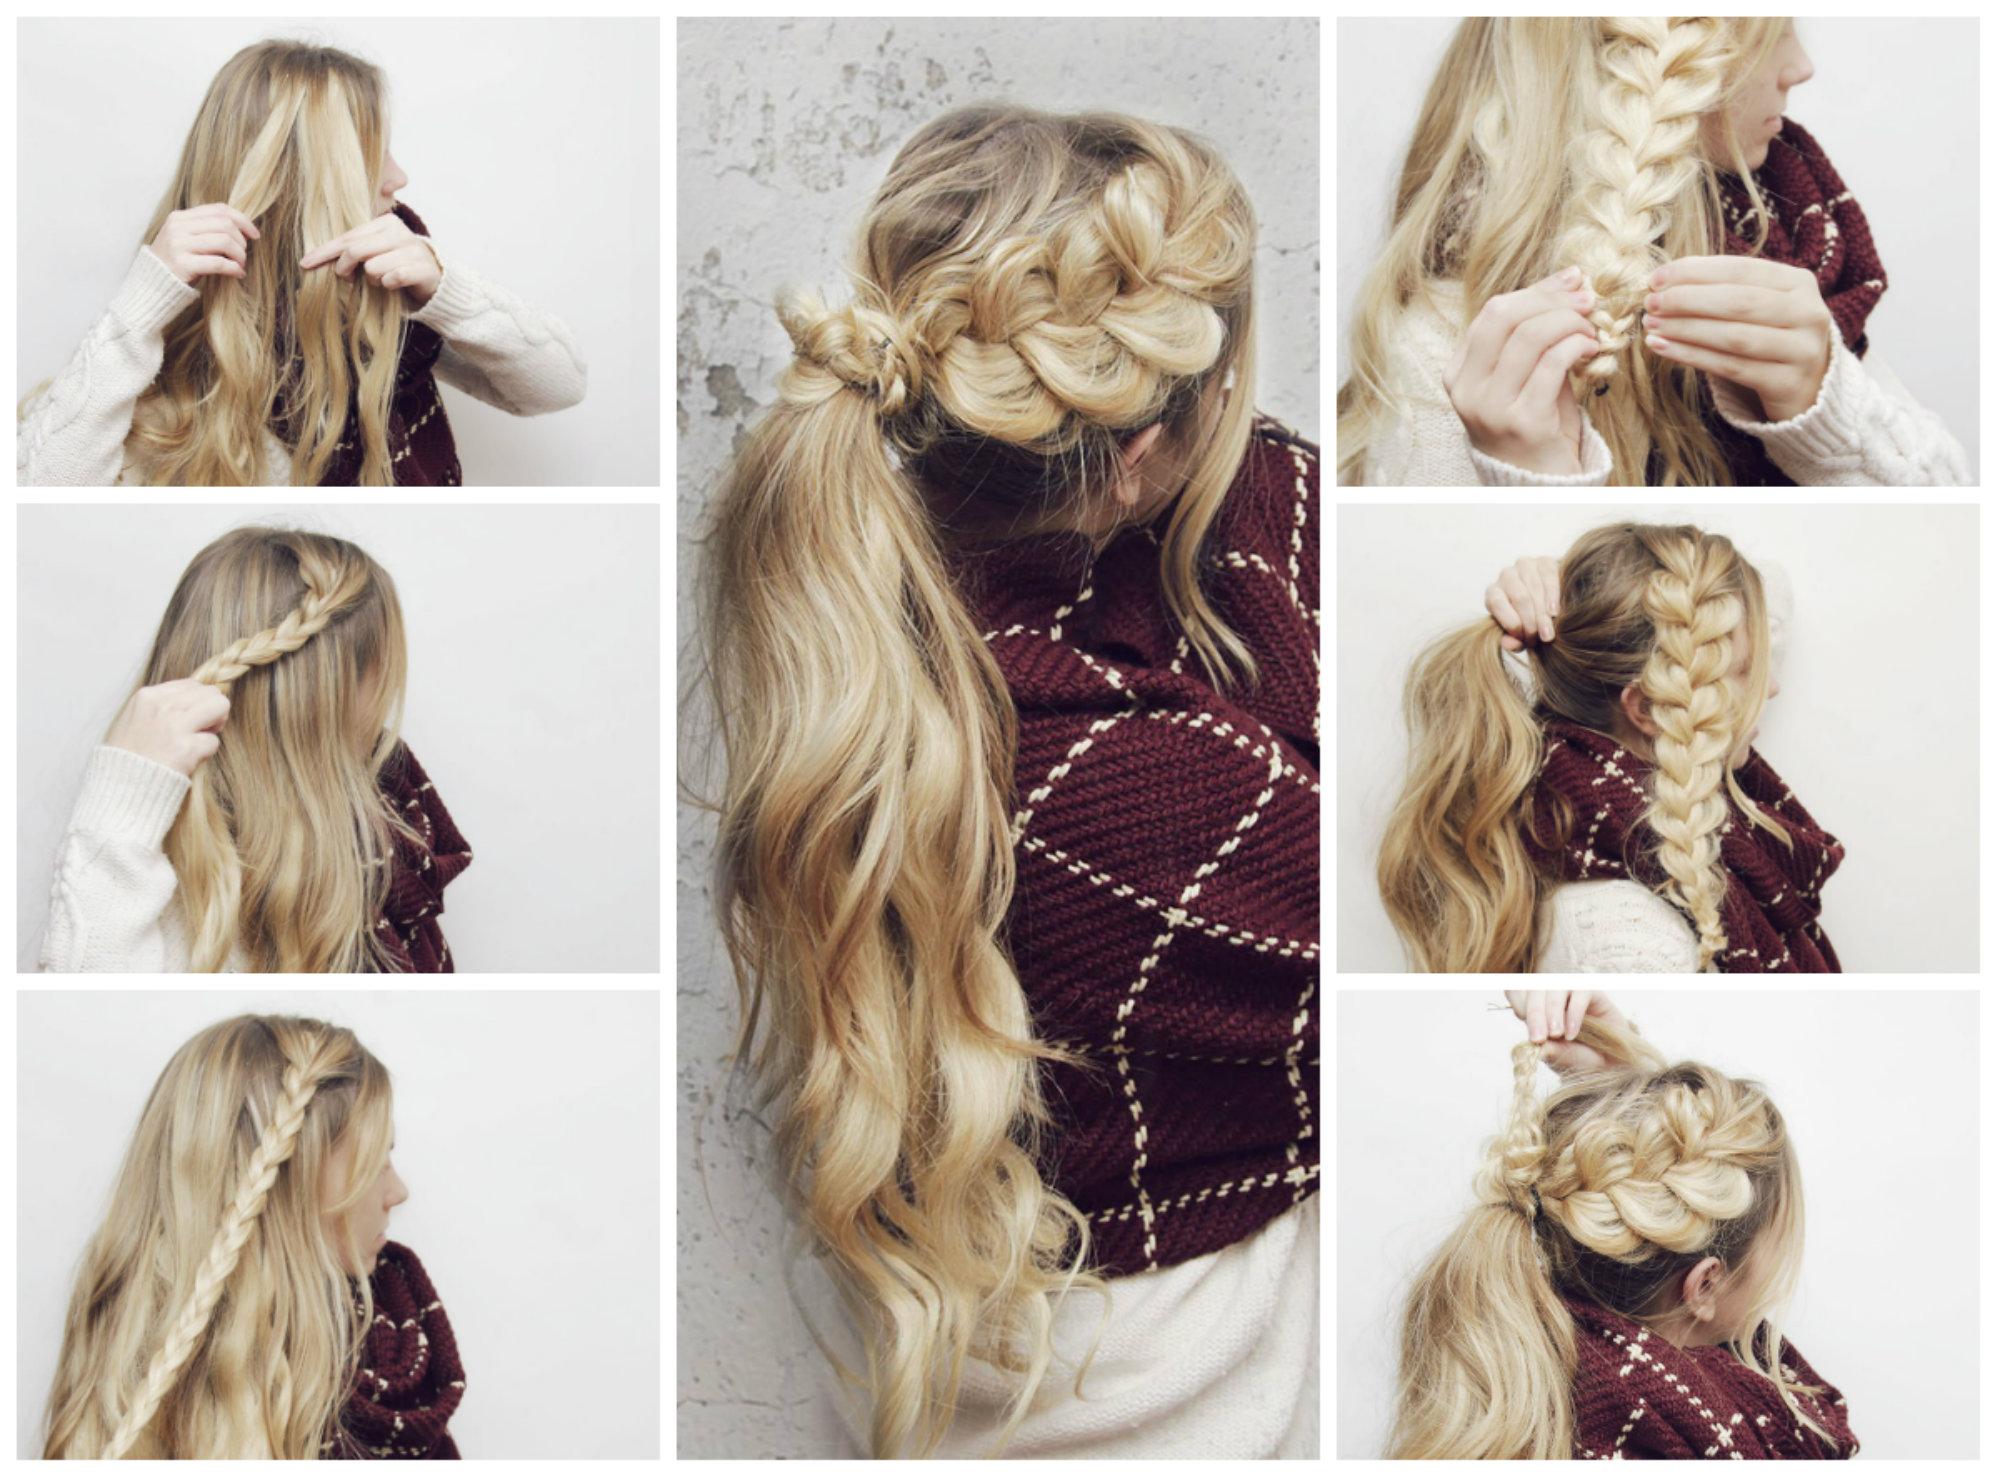 Плетите косы, чтобы скрыть седину.